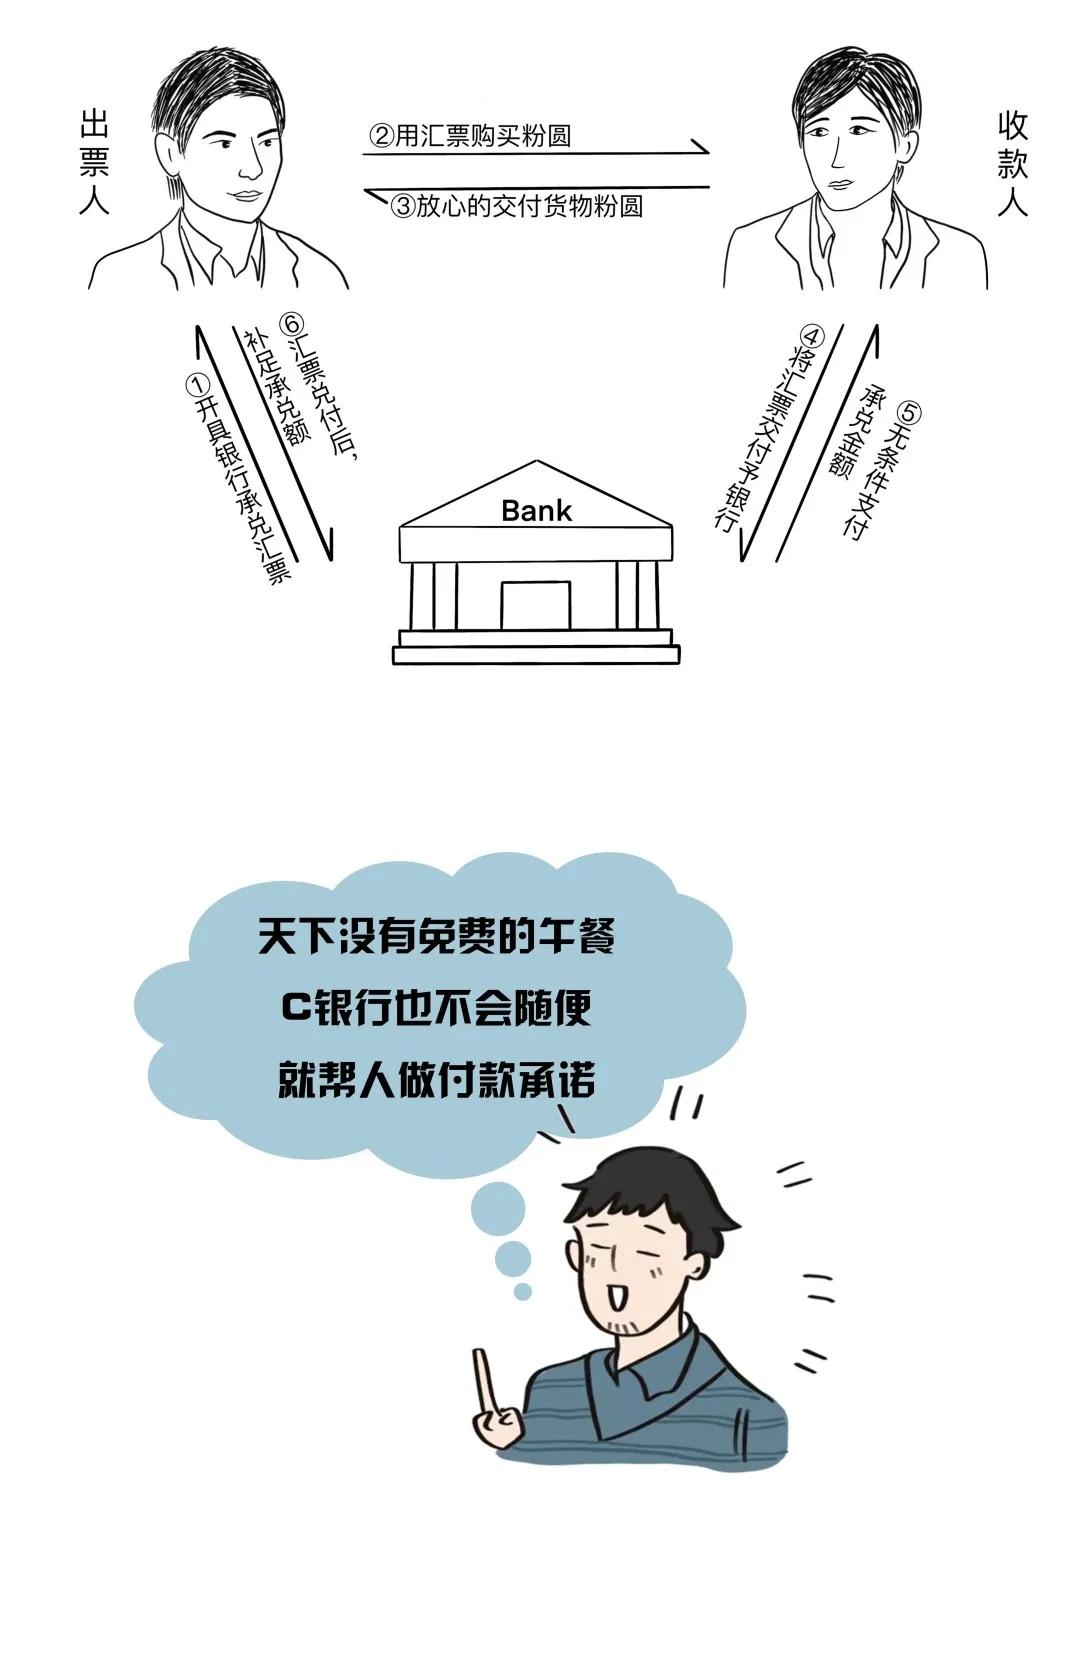 银行承兑汇票是什么?